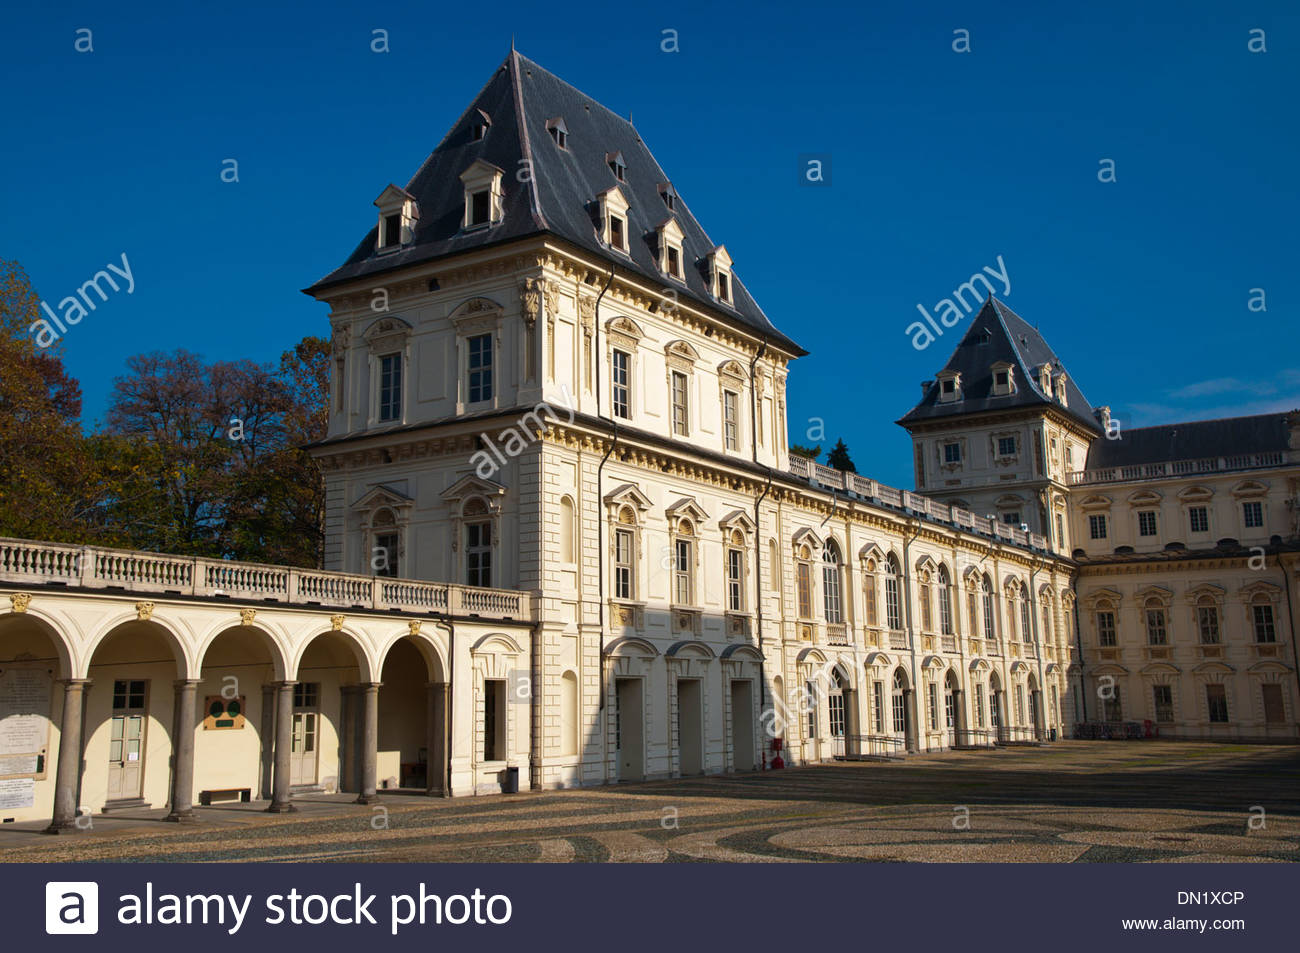 Castello del Valentino (1660) oggi sede Facoltà di architettura Parco del Valentino Torino Città Regione Piemonte Italia Immagini Stock